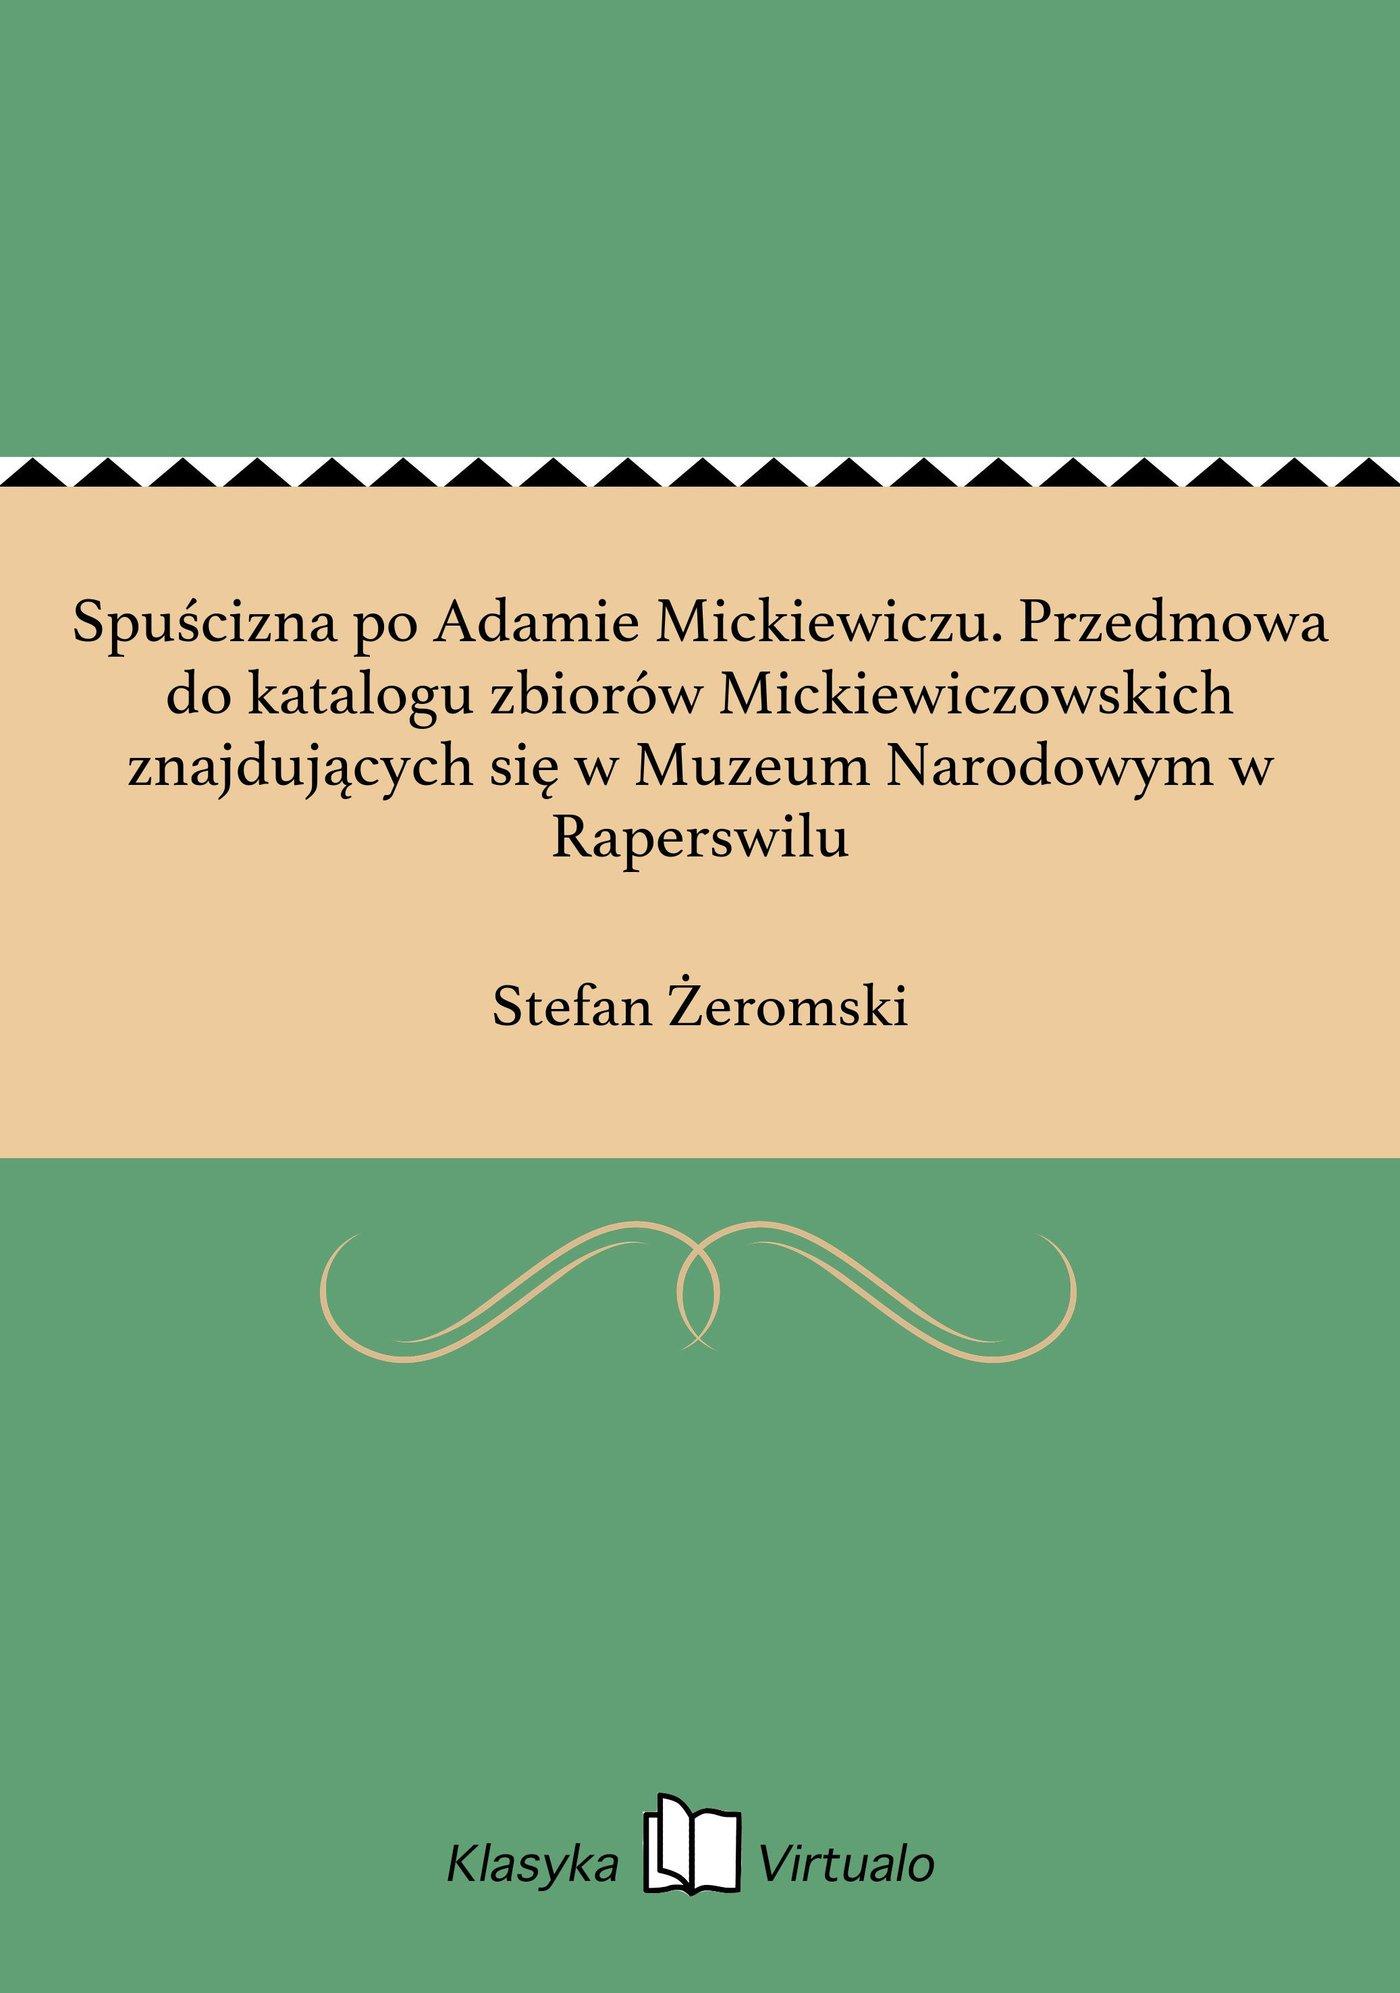 Spuścizna po Adamie Mickiewiczu. Przedmowa do katalogu zbiorów Mickiewiczowskich znajdujących się w Muzeum Narodowym w Raperswilu - Ebook (Książka EPUB) do pobrania w formacie EPUB